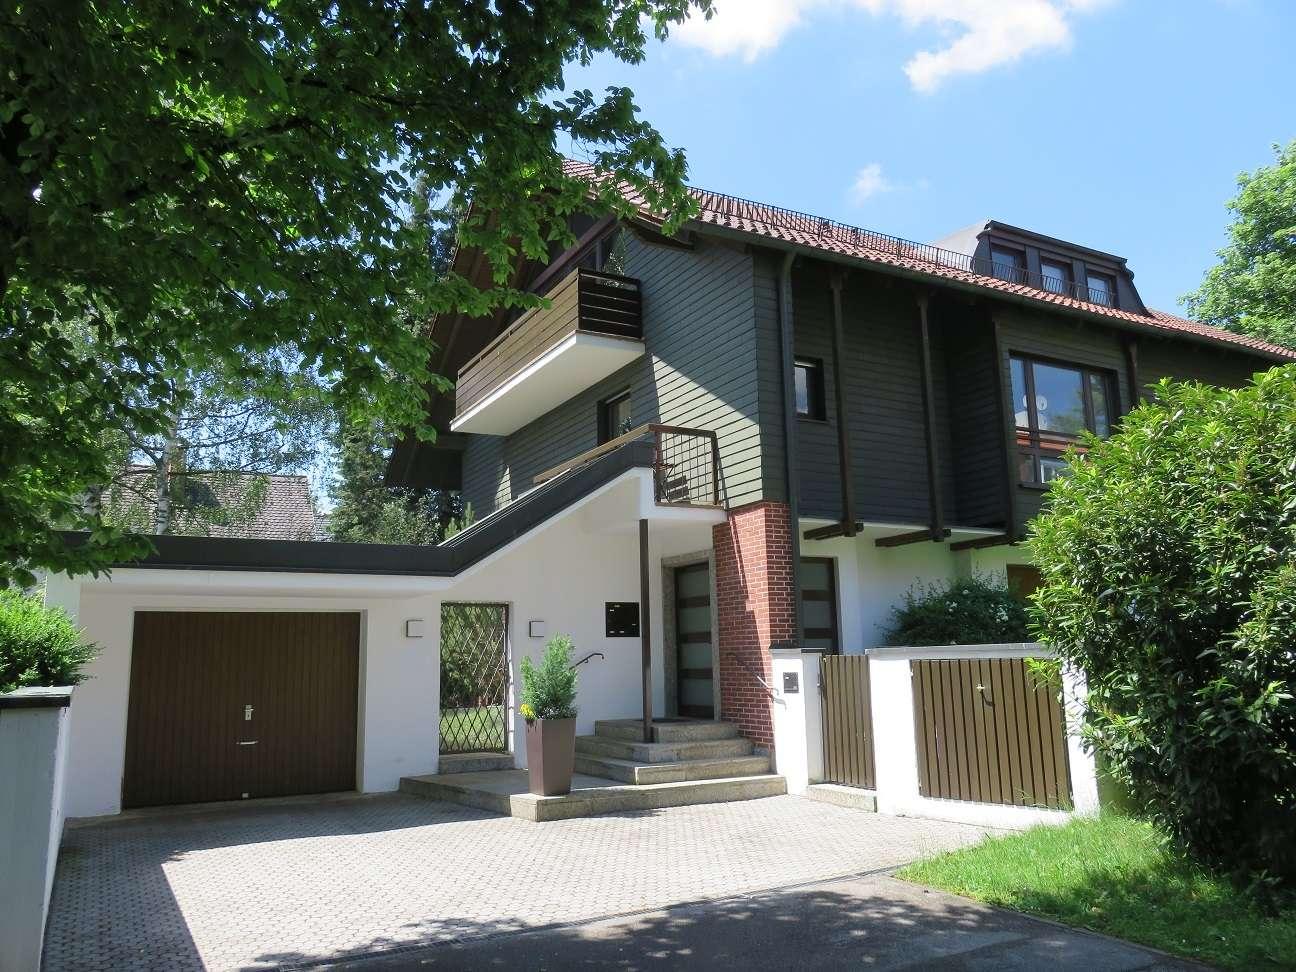 Exklusives Wohnen auf zwei Etagen in Top-Lage, Nähe Englischer Garten